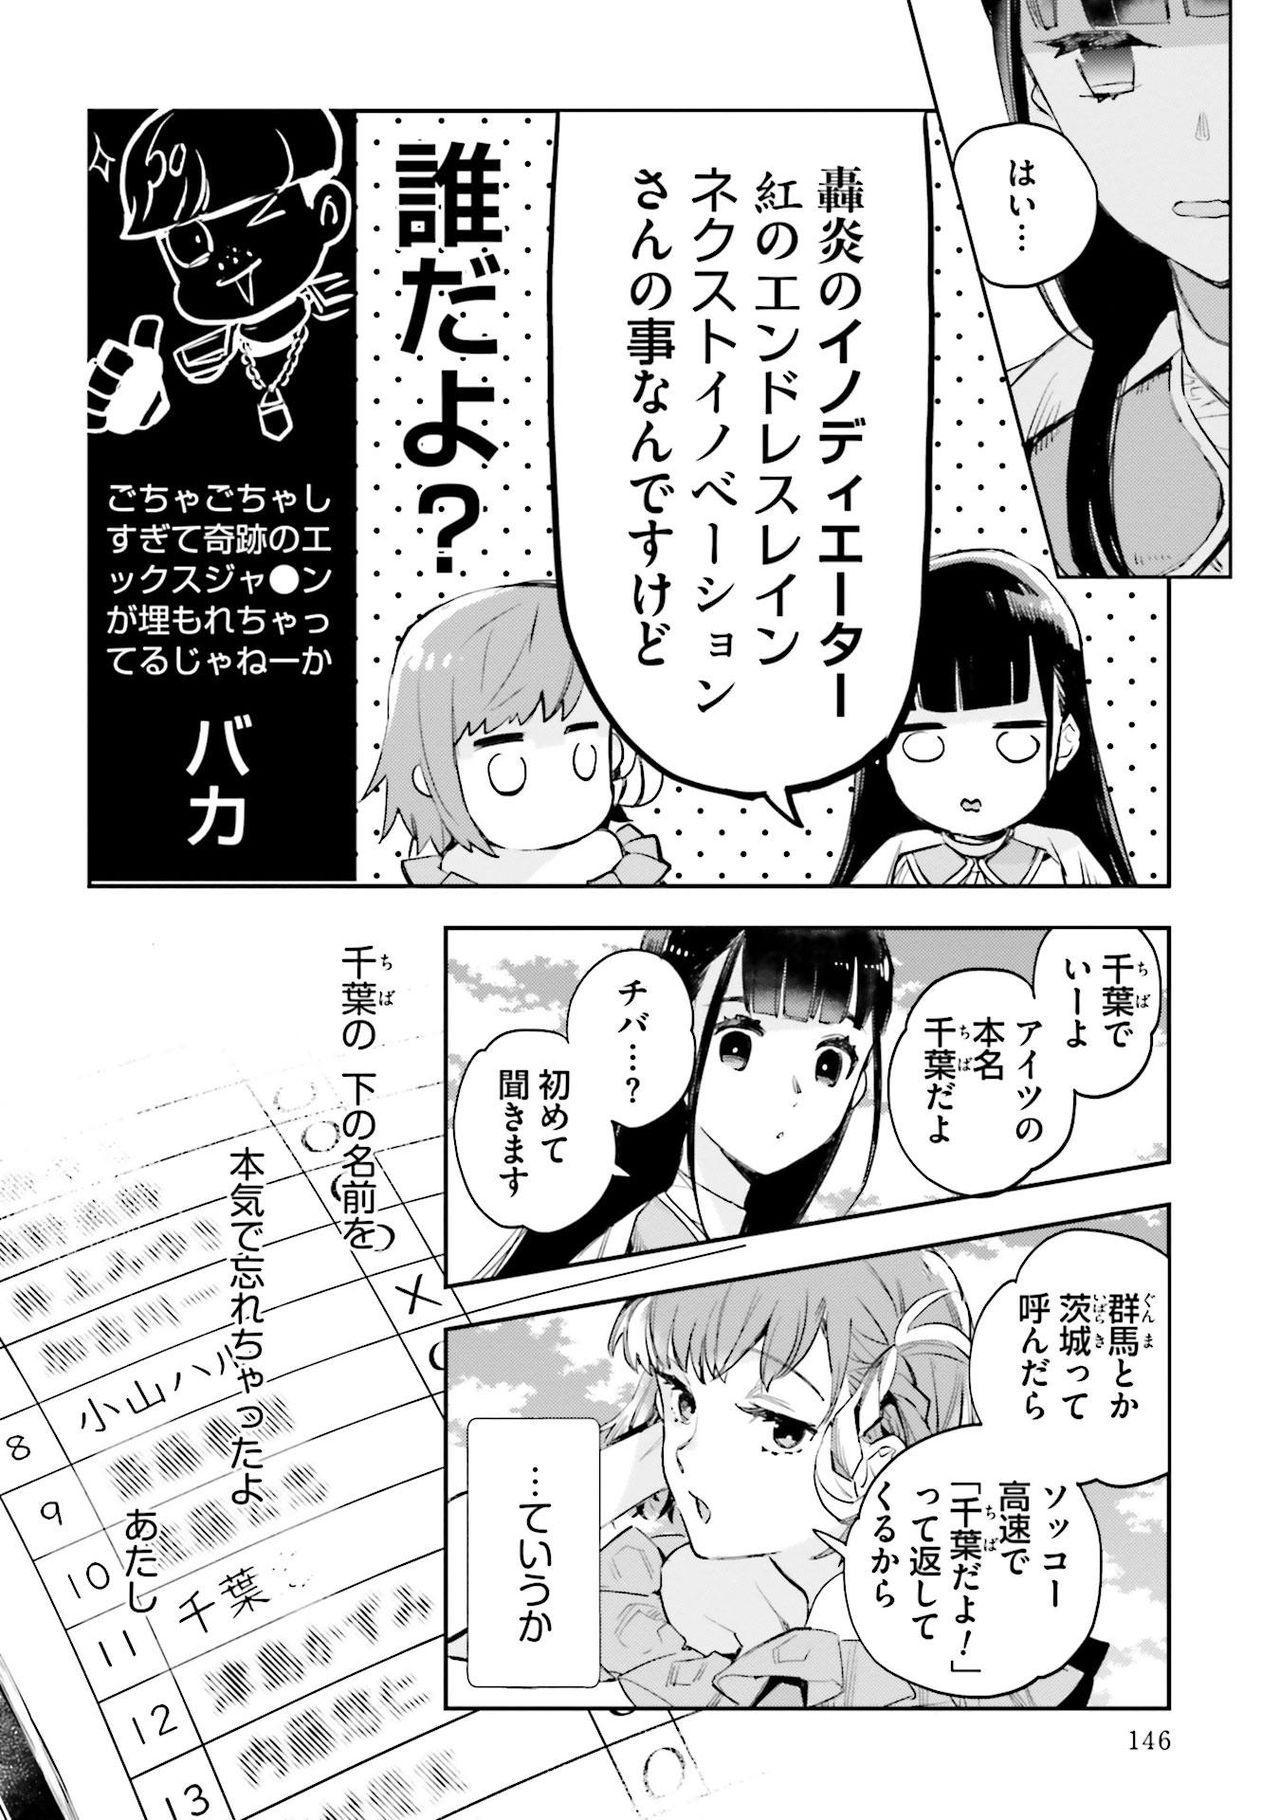 JK Haru wa Isekai de Shoufu ni Natta 1-14 505